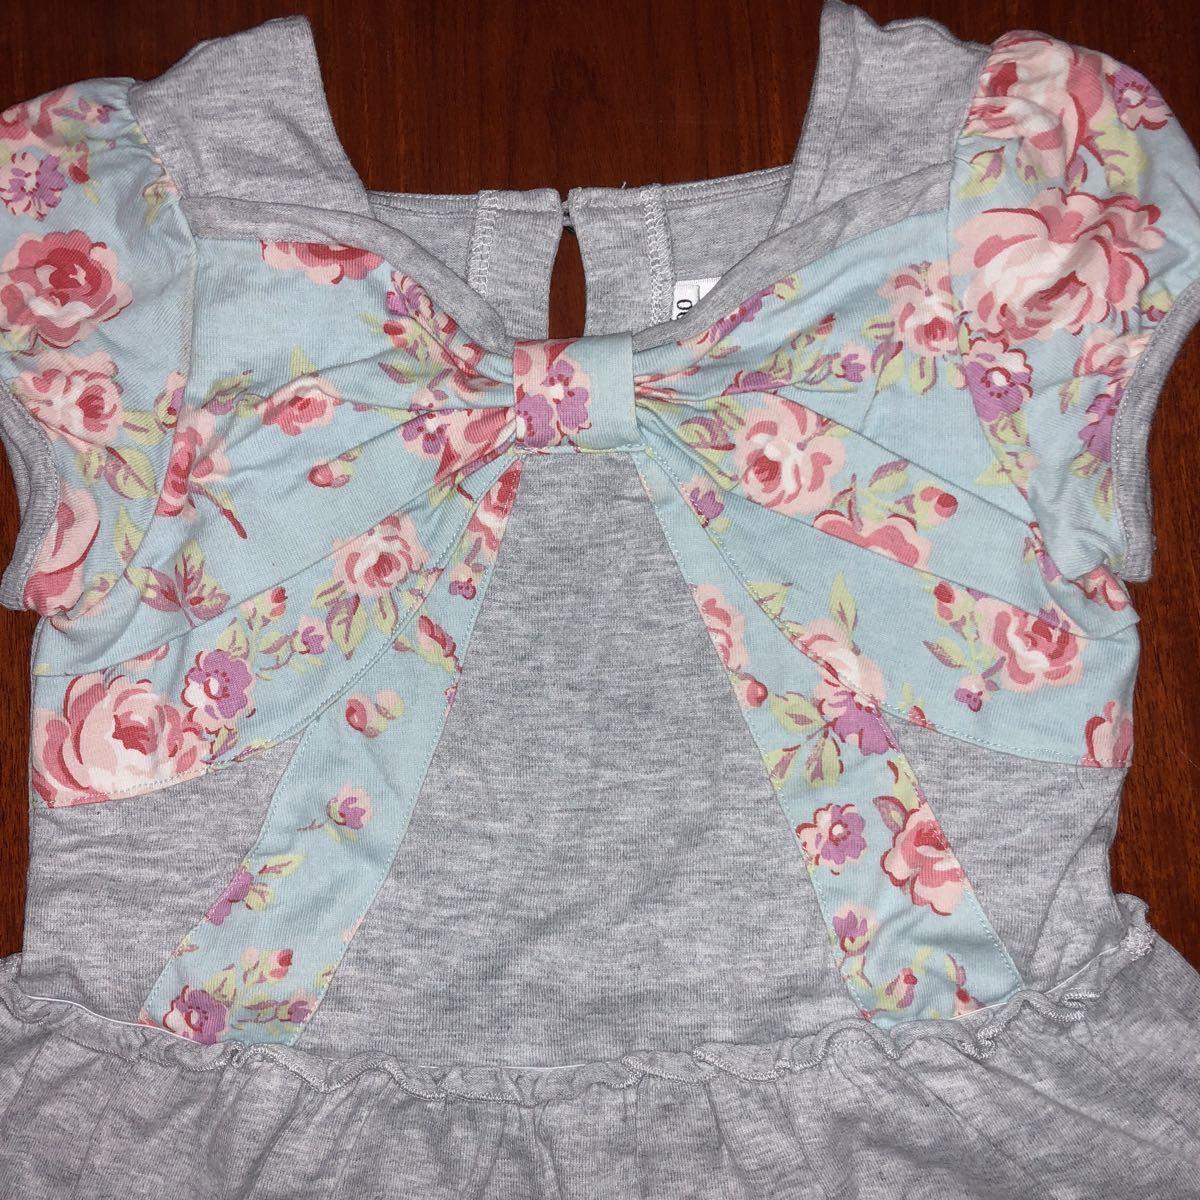 ジルスチュアート JILLSTUART 半袖Tシャツ チュニック ワンピース 90㎝ グレー×水色花柄 中古_画像2